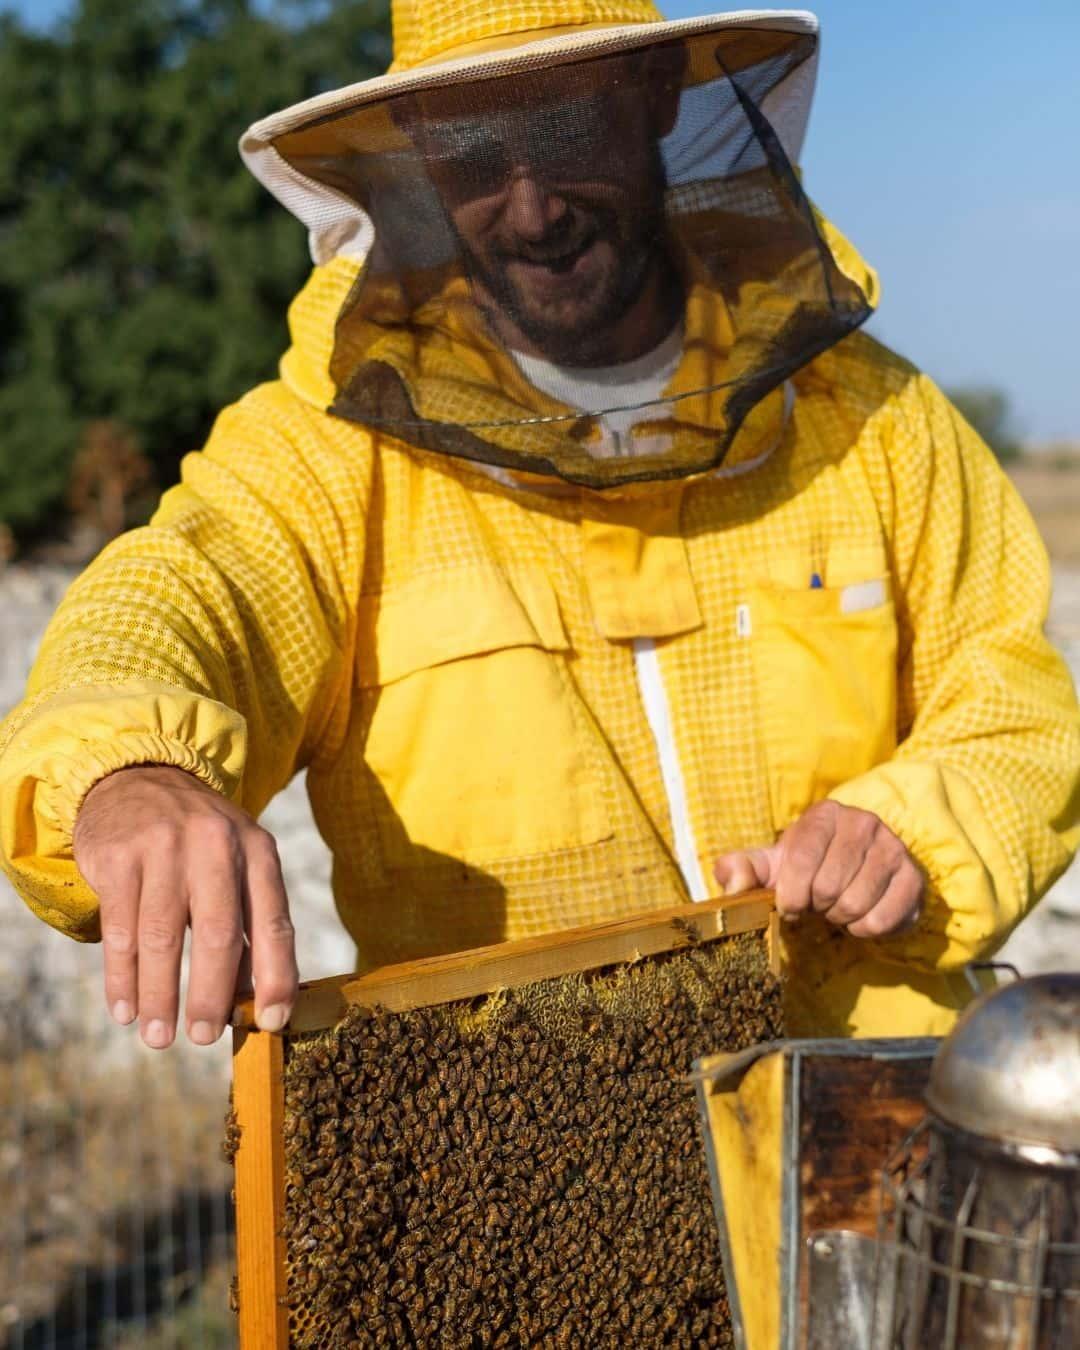 L'ape nell'orto